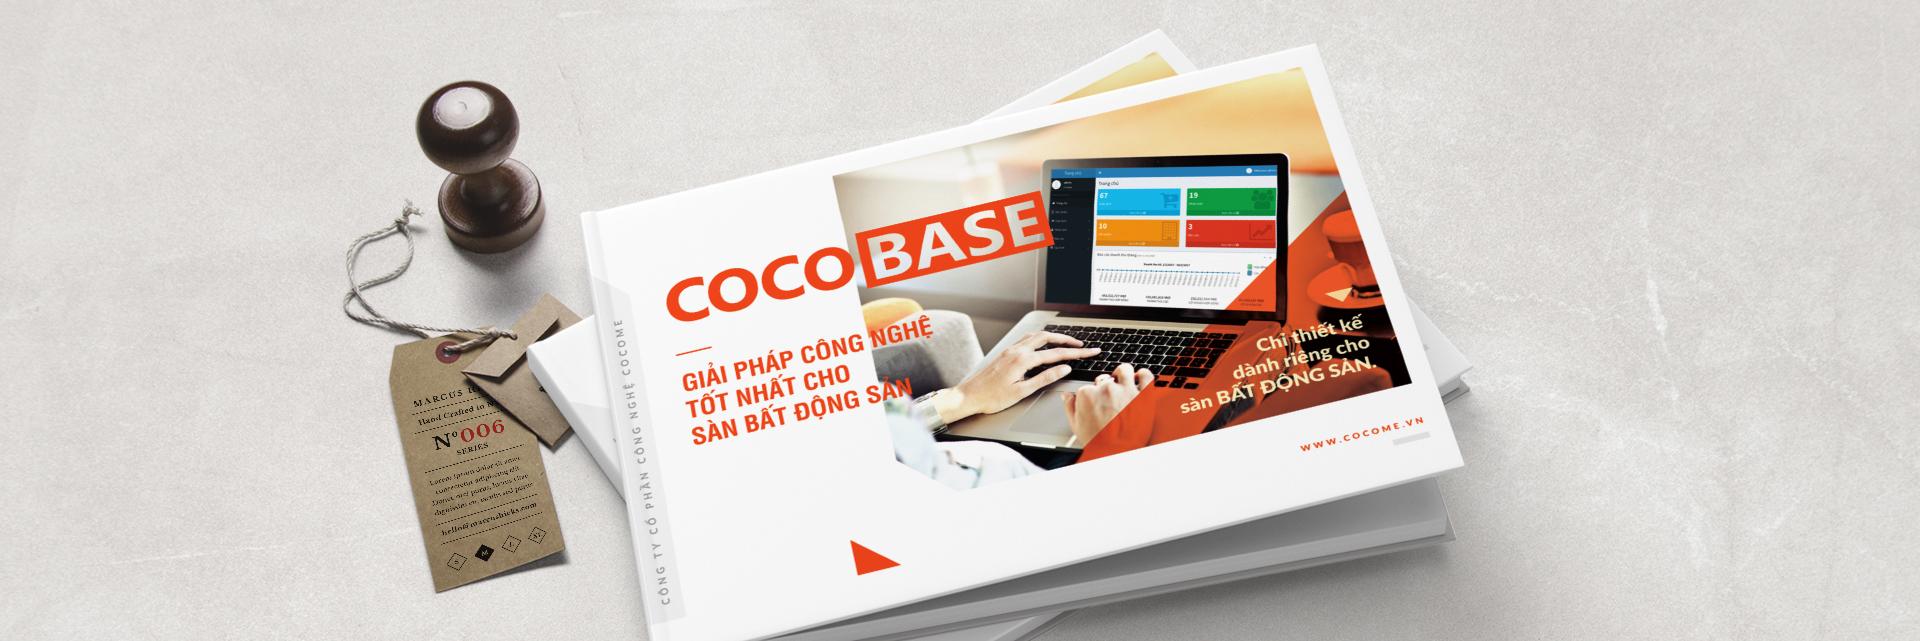 Cocobase-slide-1